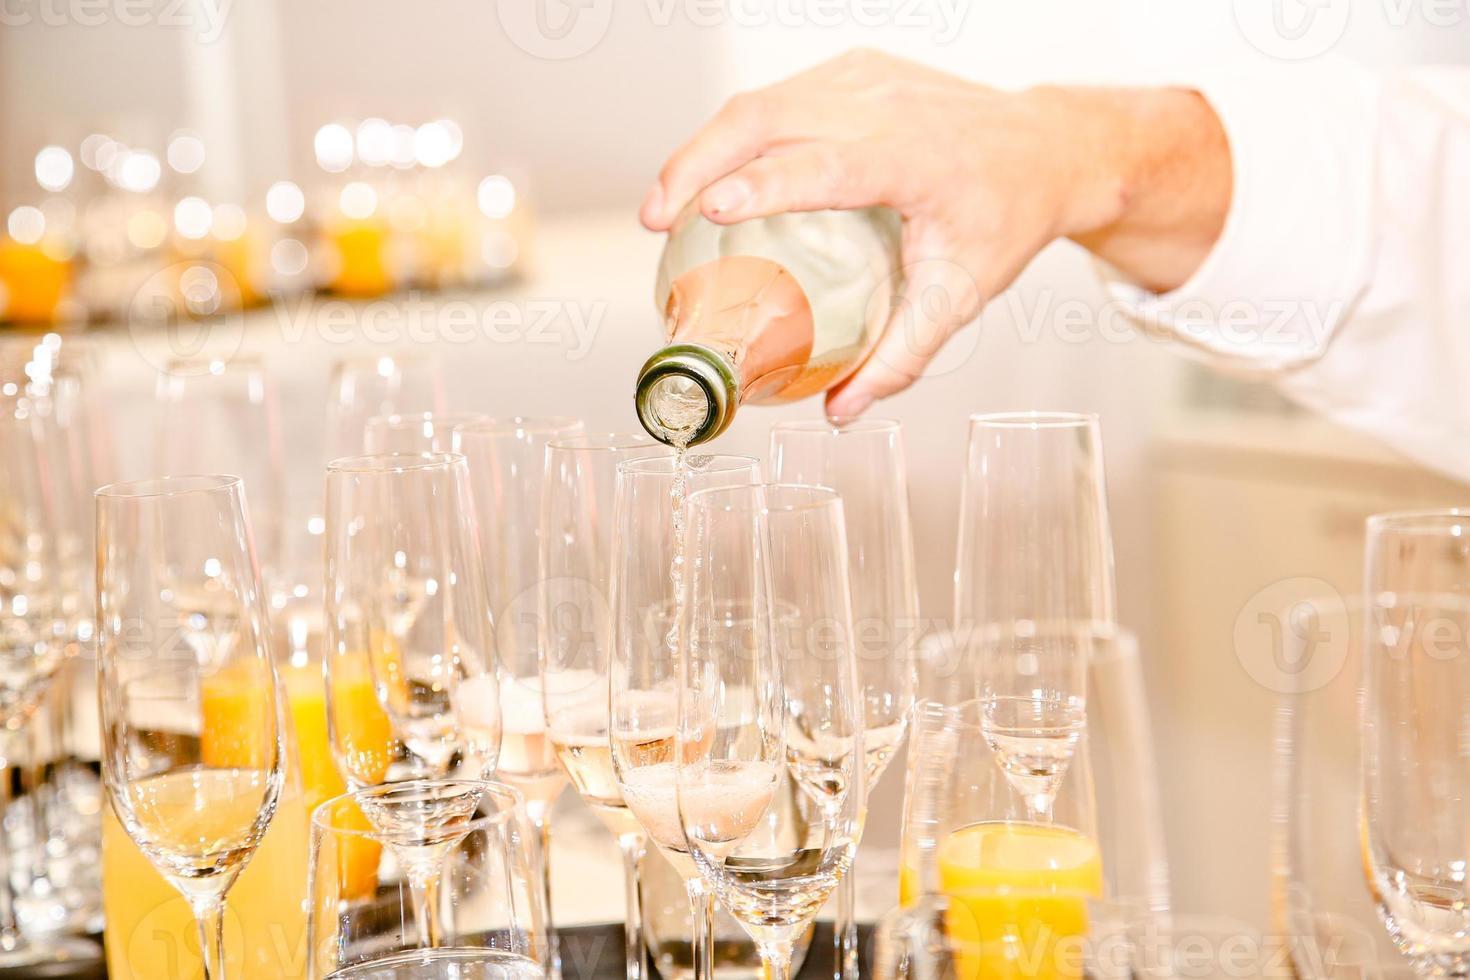 bebidas servidas por un camarero foto